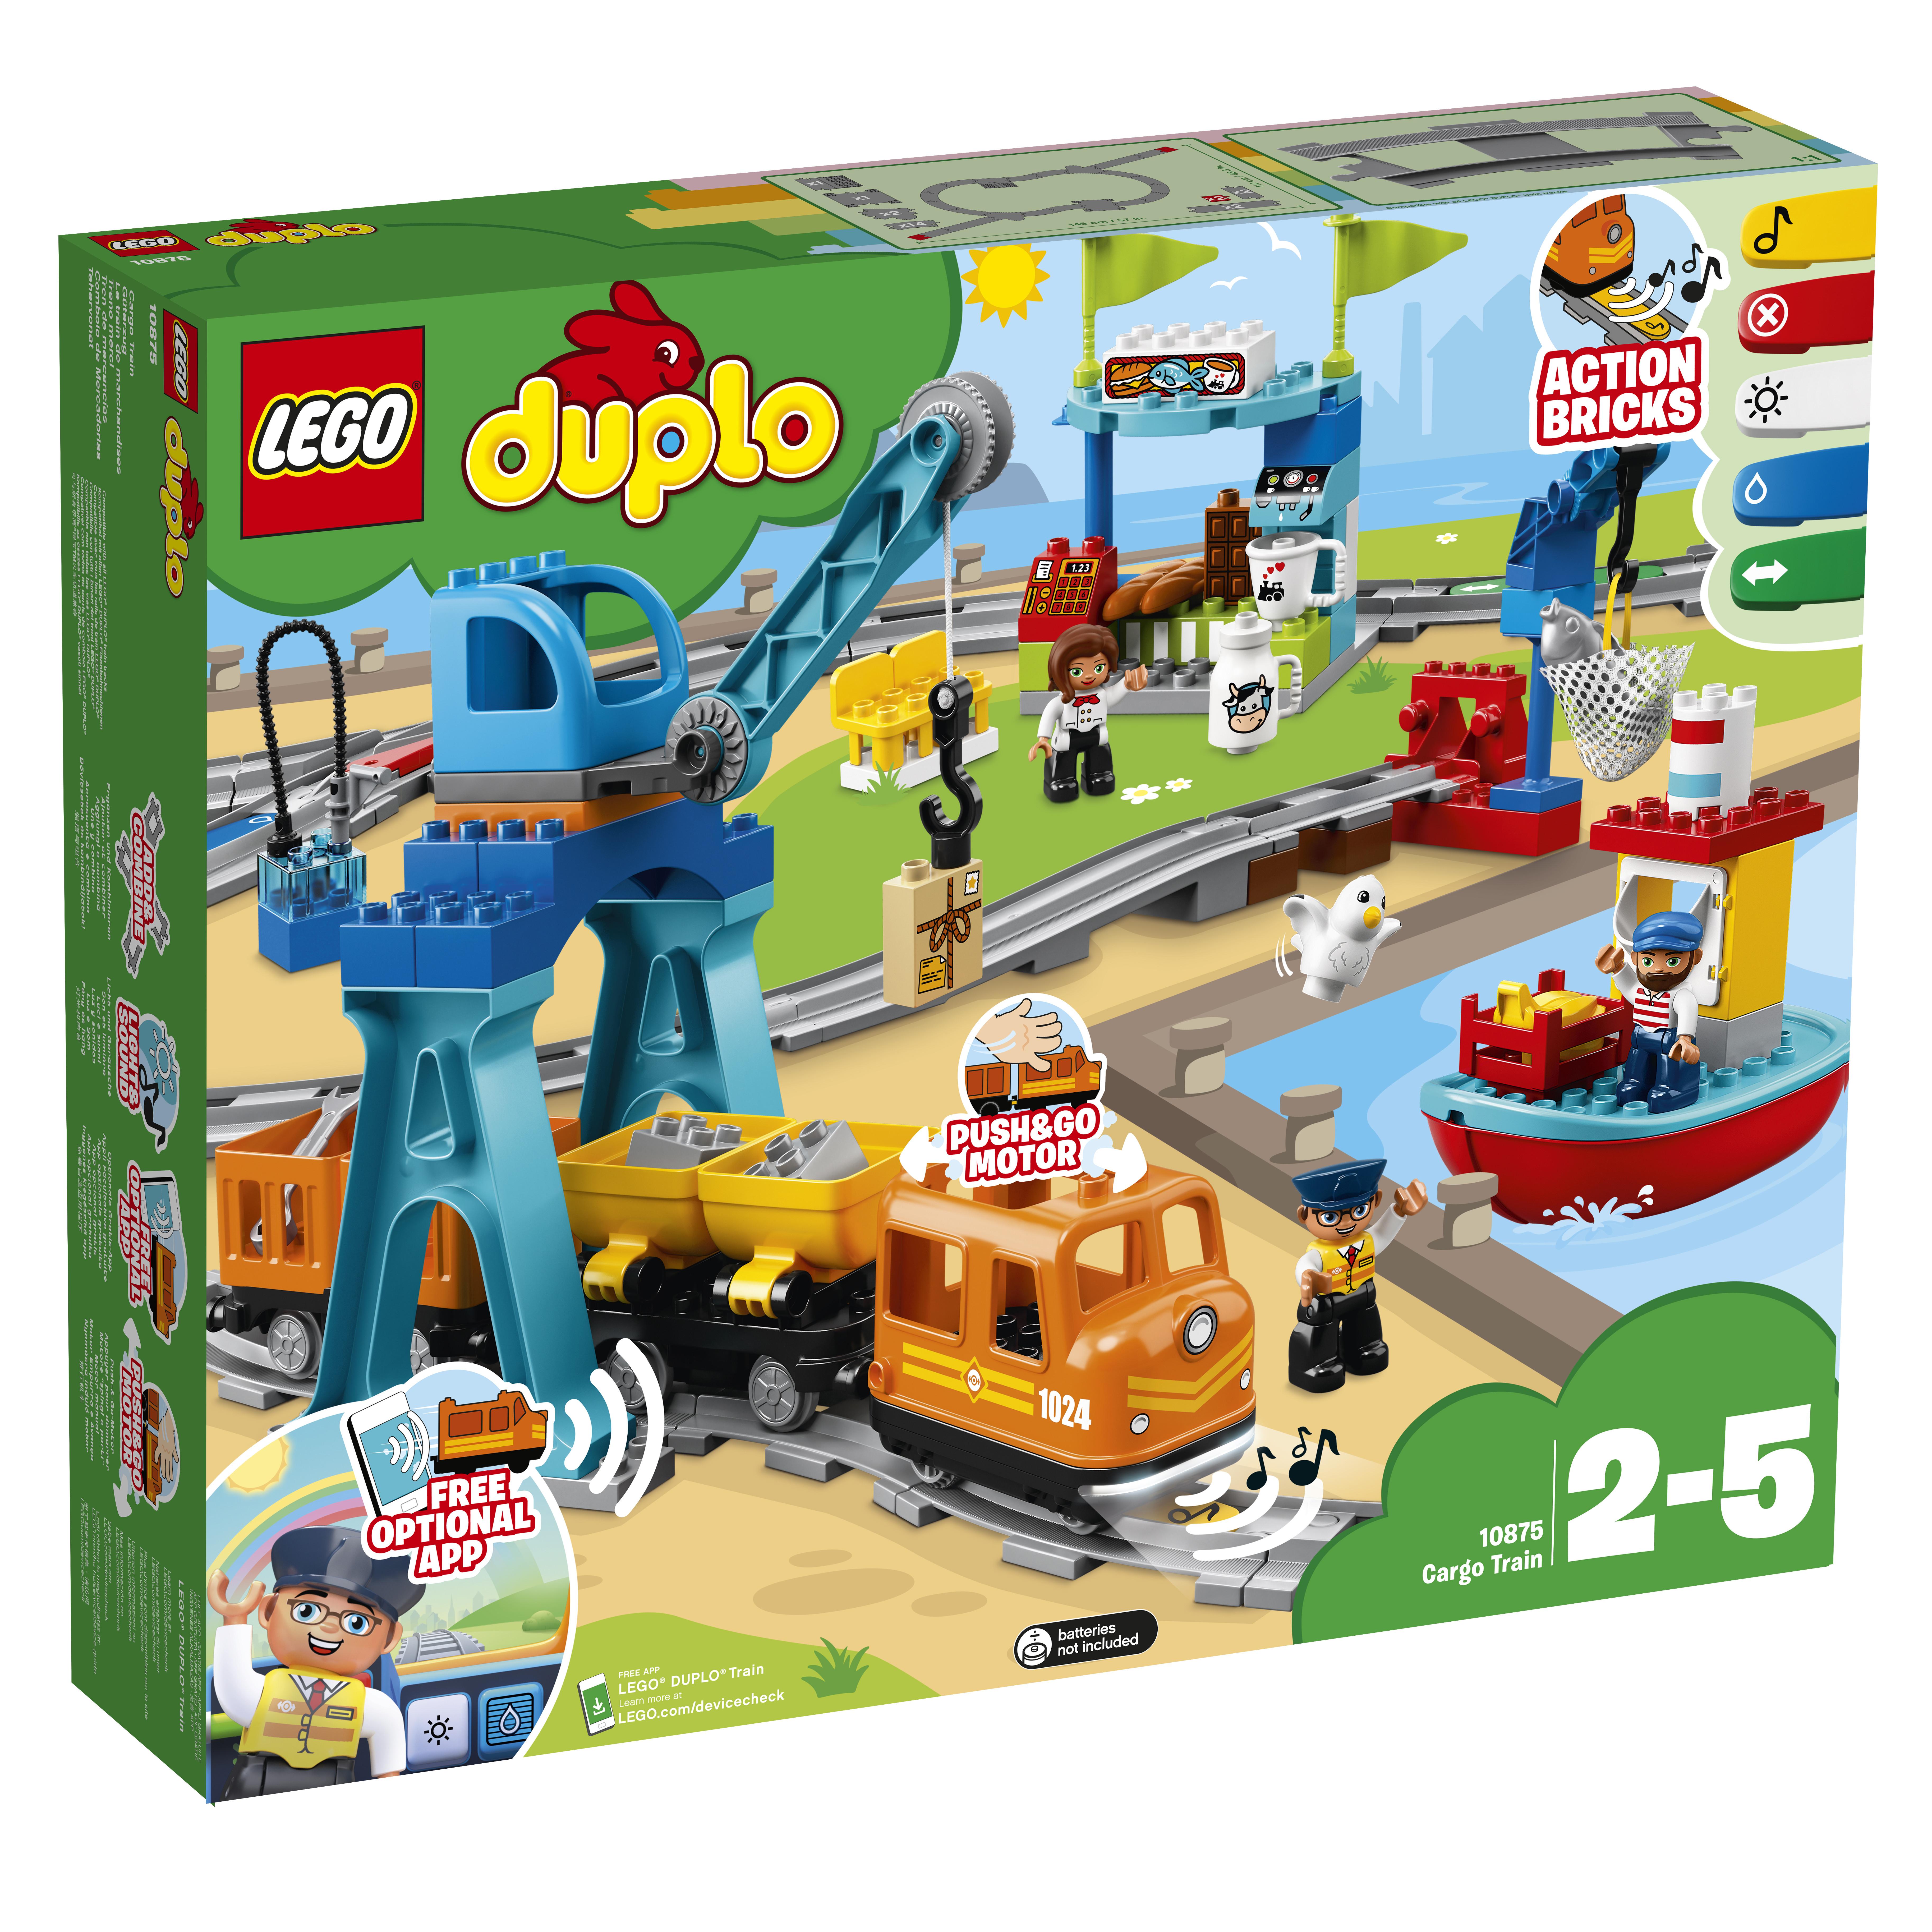 LEGO DUPLO LEGO Конструктор LEGO DUPLO Town 0 10875 lego 31035